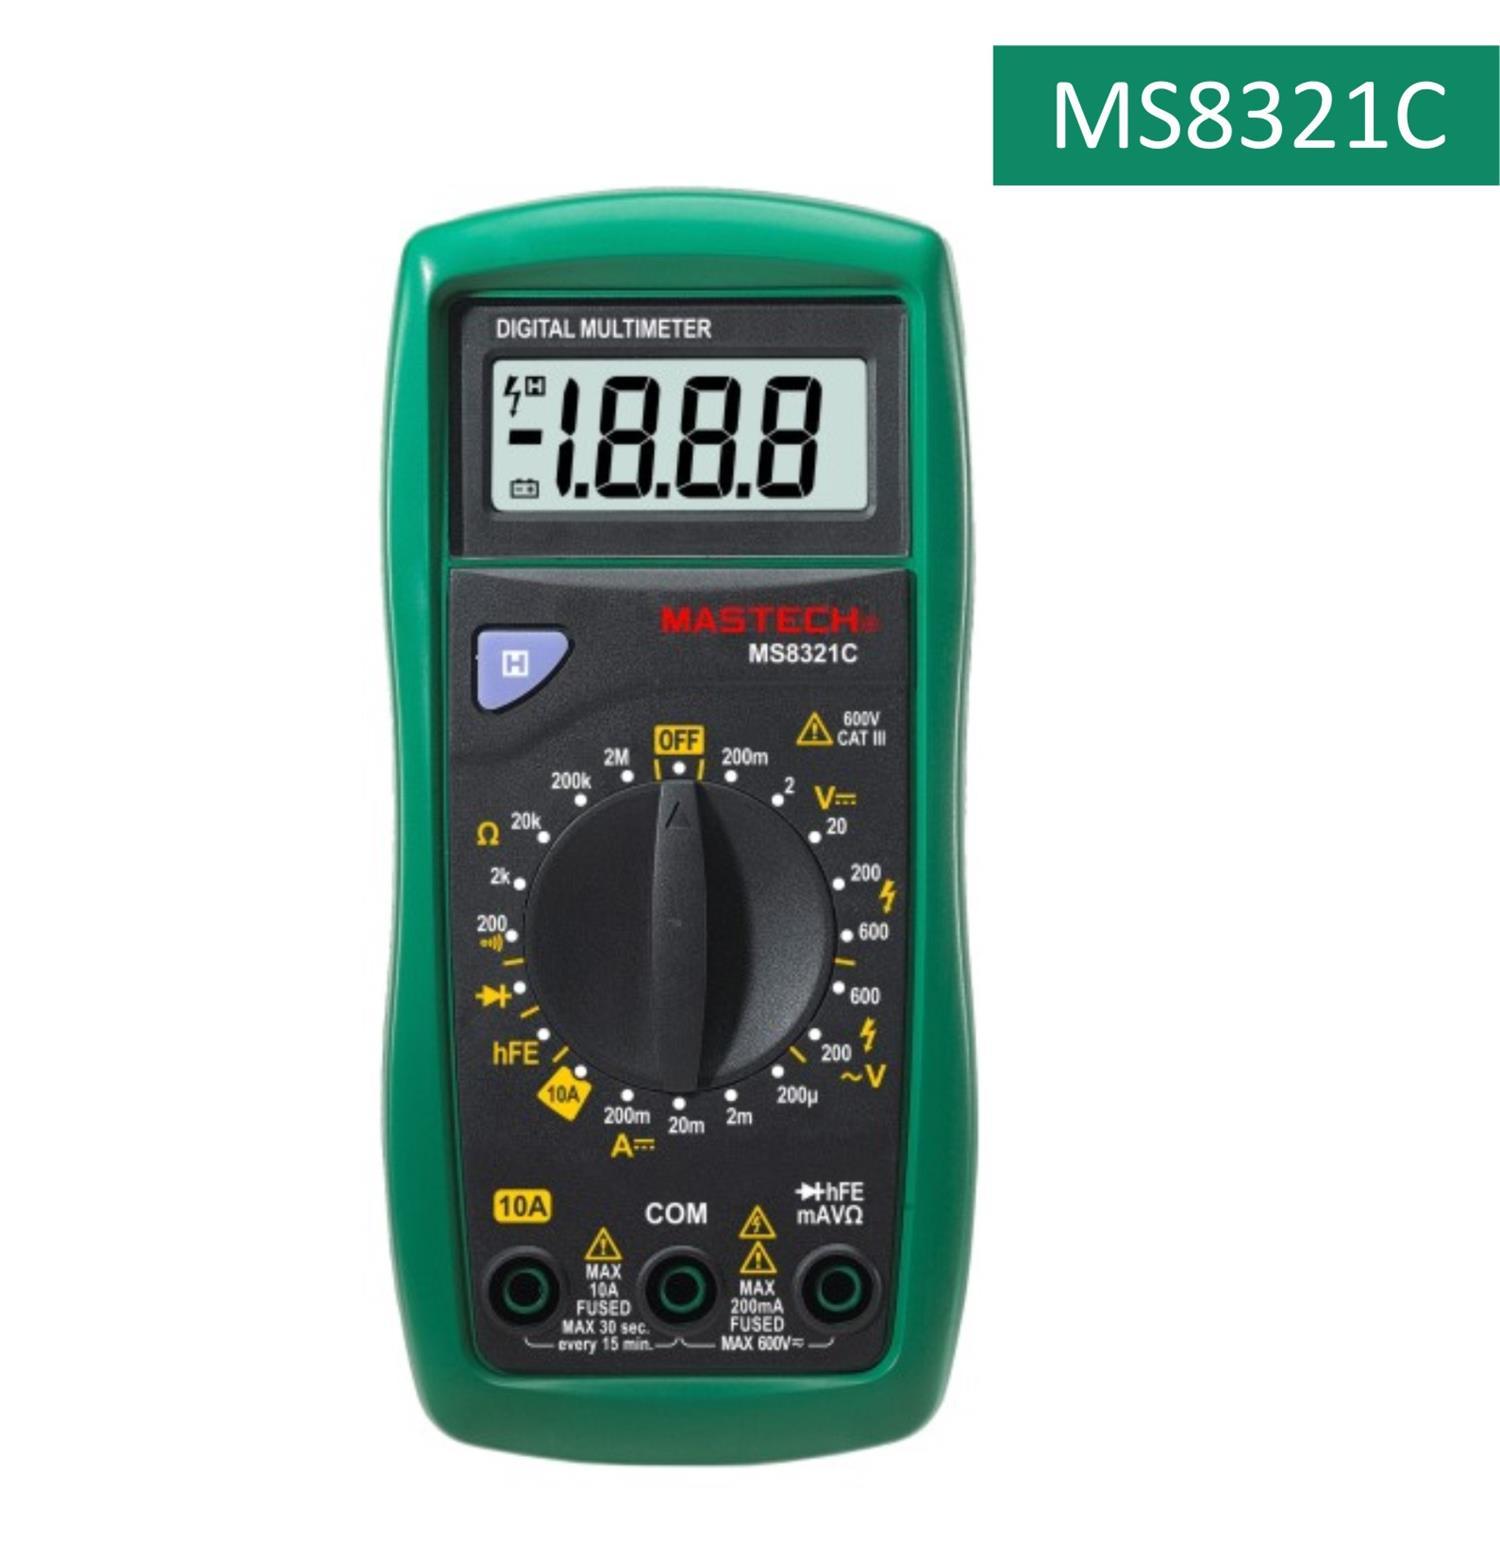 MS 8321C